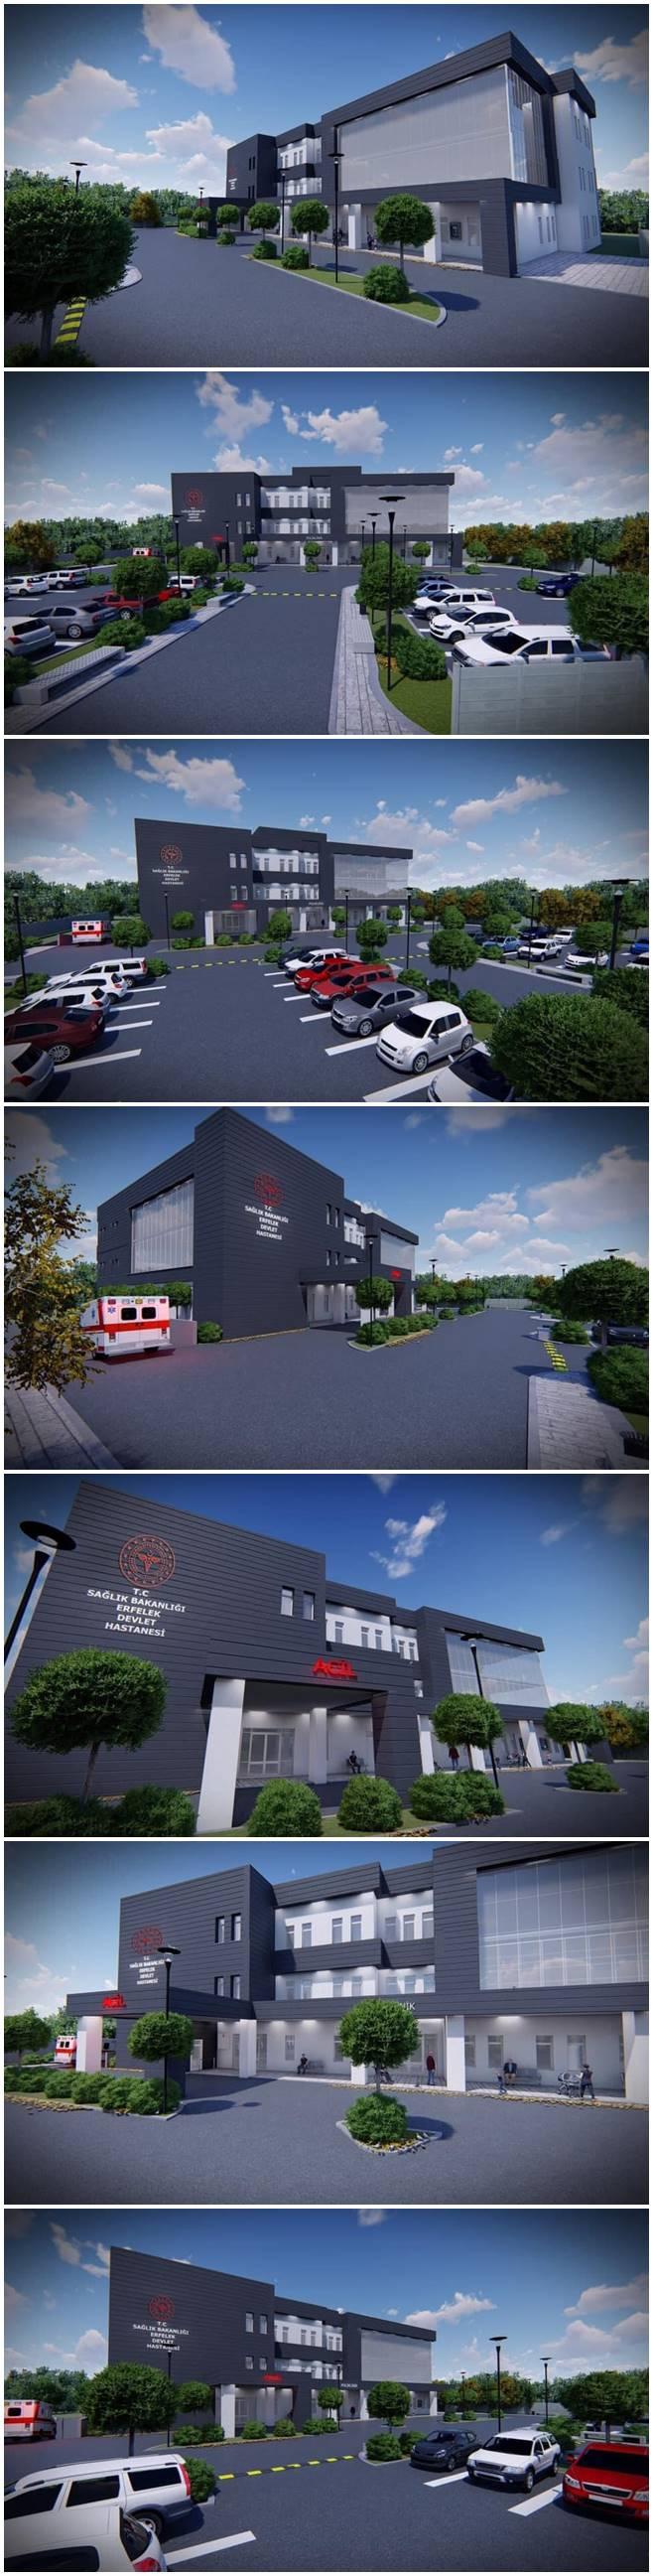 Erfelek'li hemşerilerimiz için yeni devlet hastanesi yapımına başlanıyor